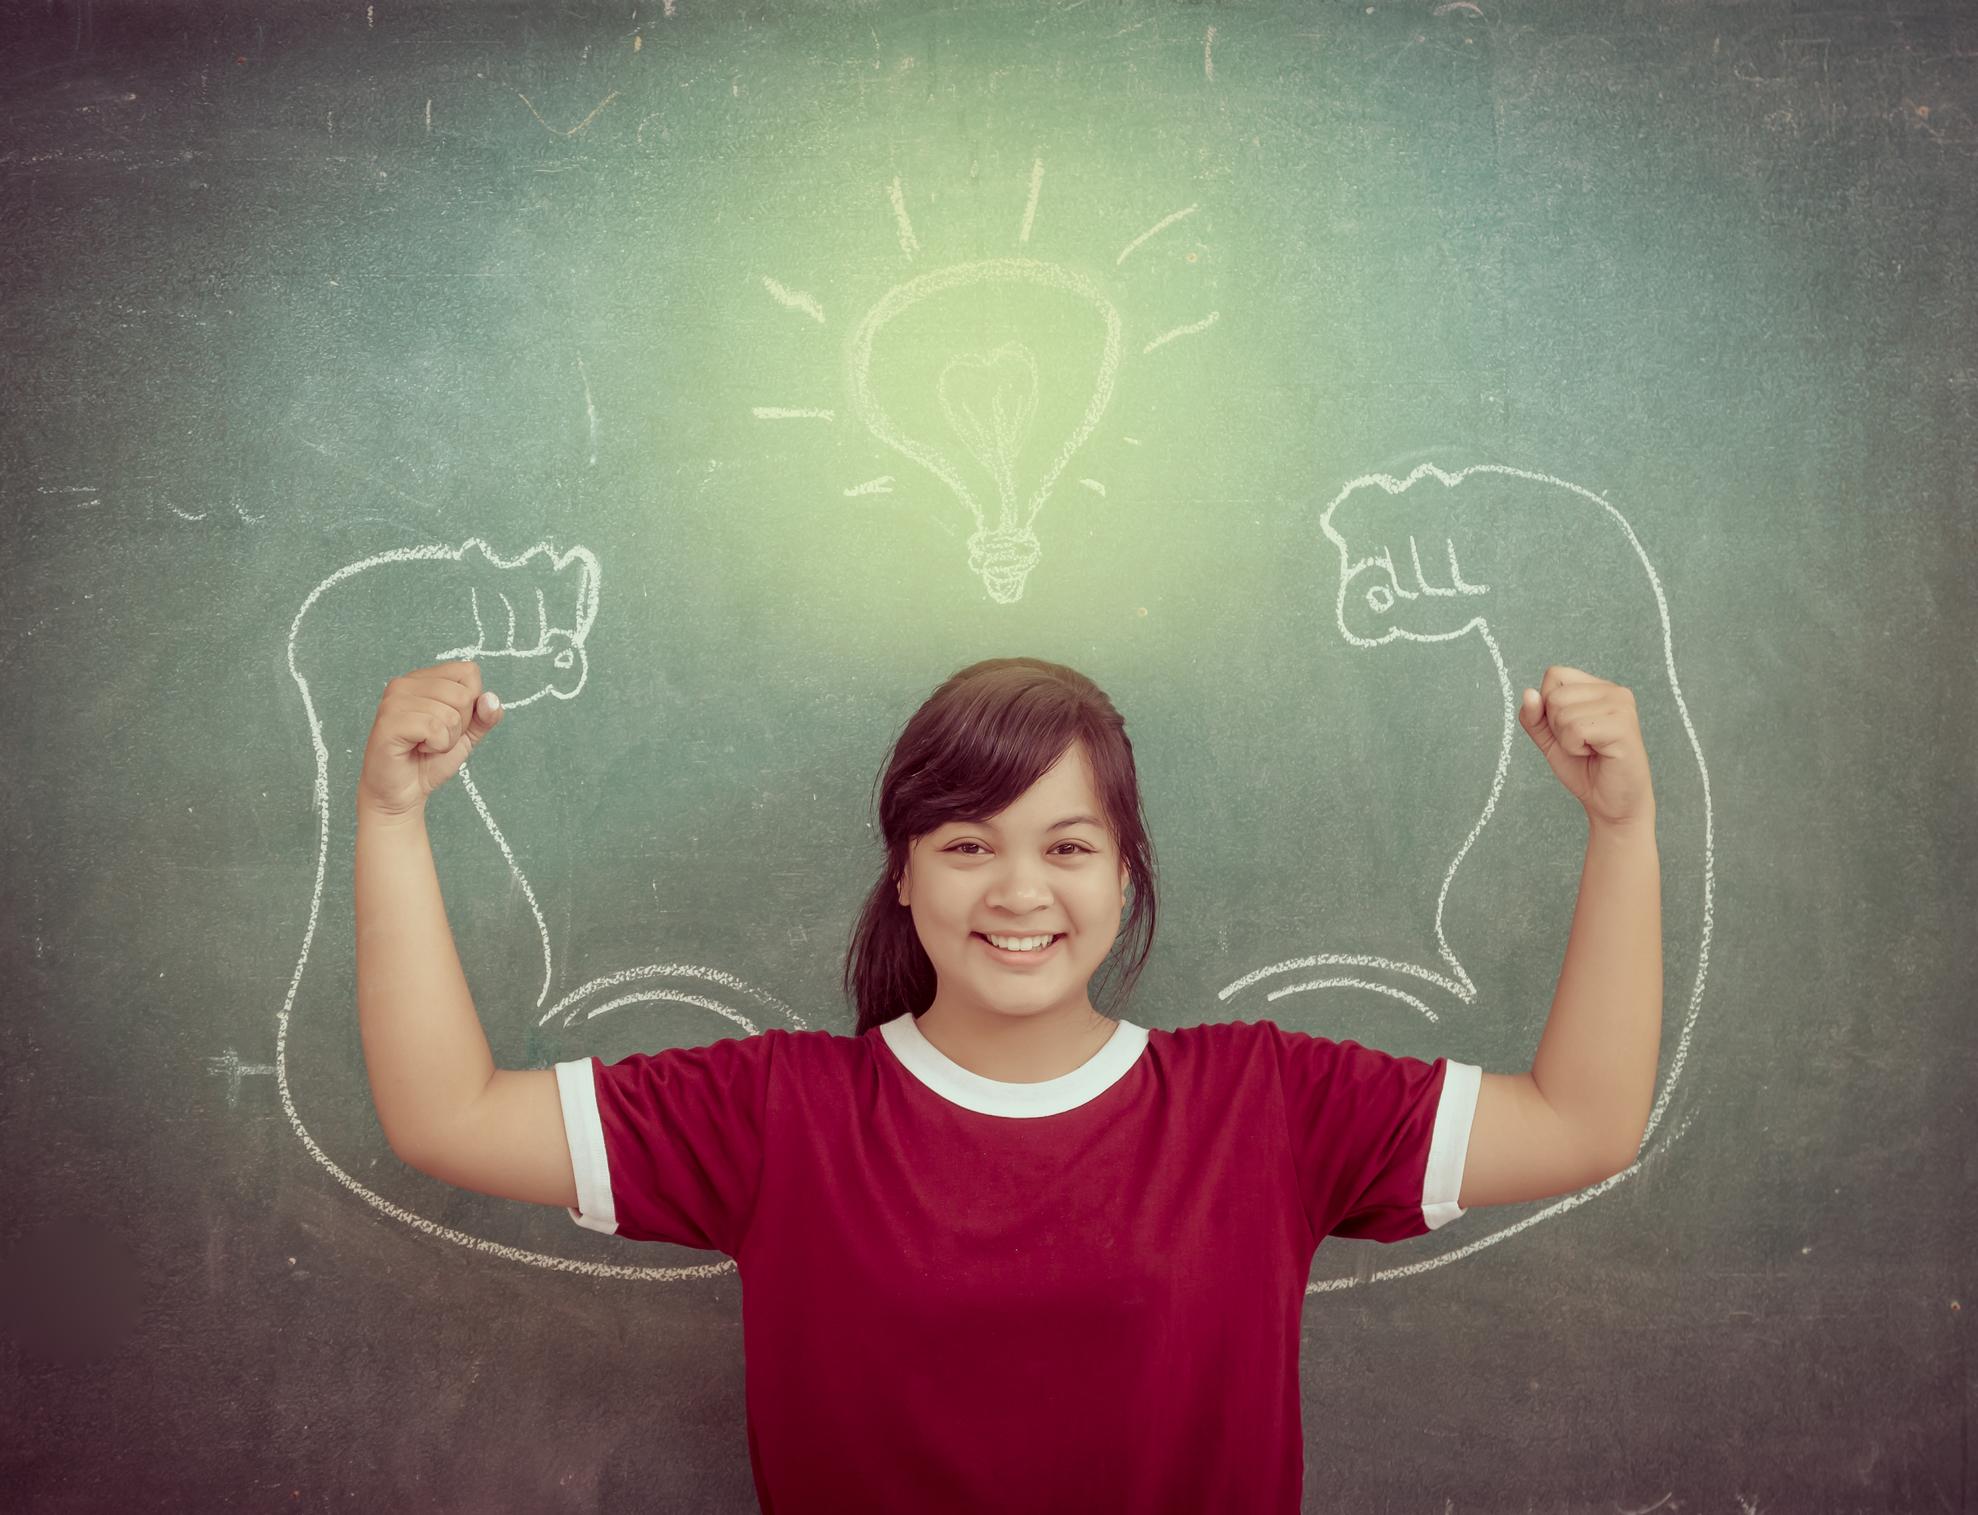 puterea copiilor campanii educatie